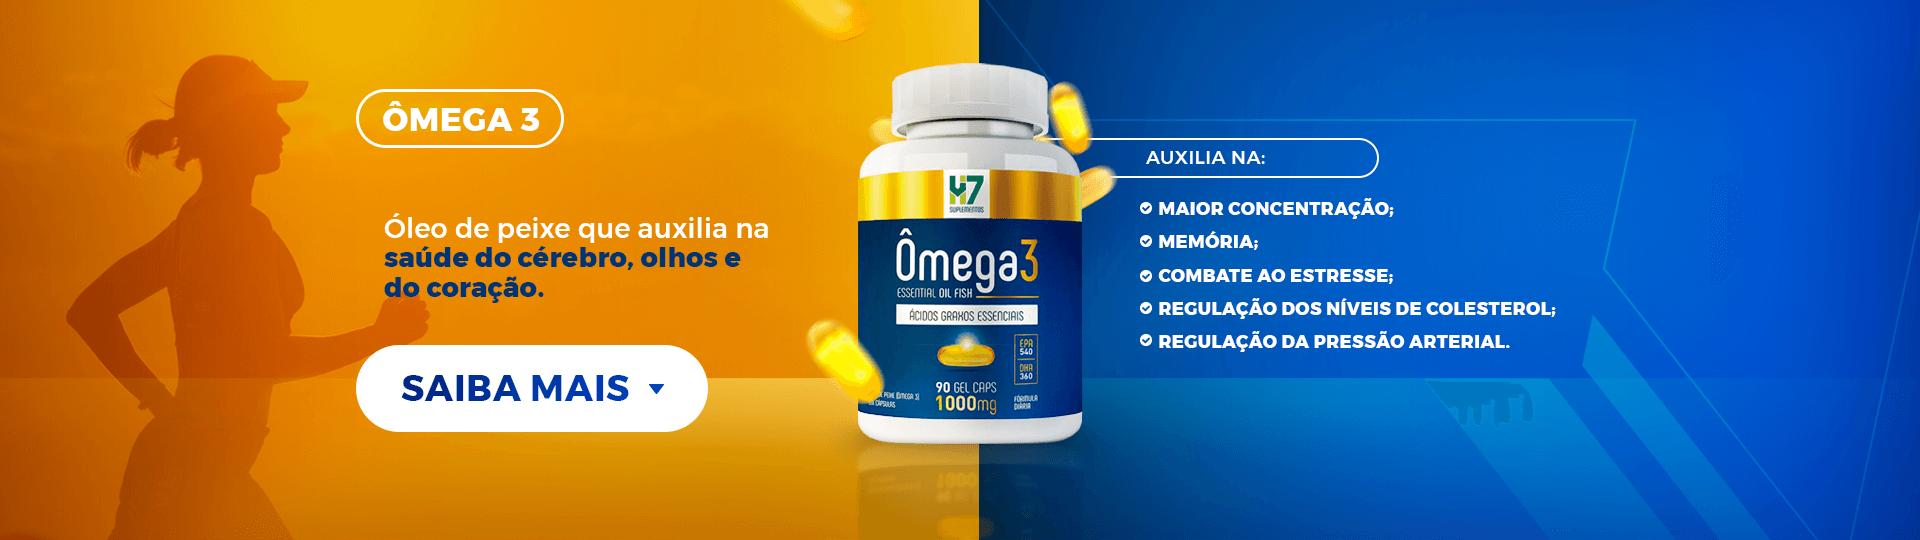 New Omega